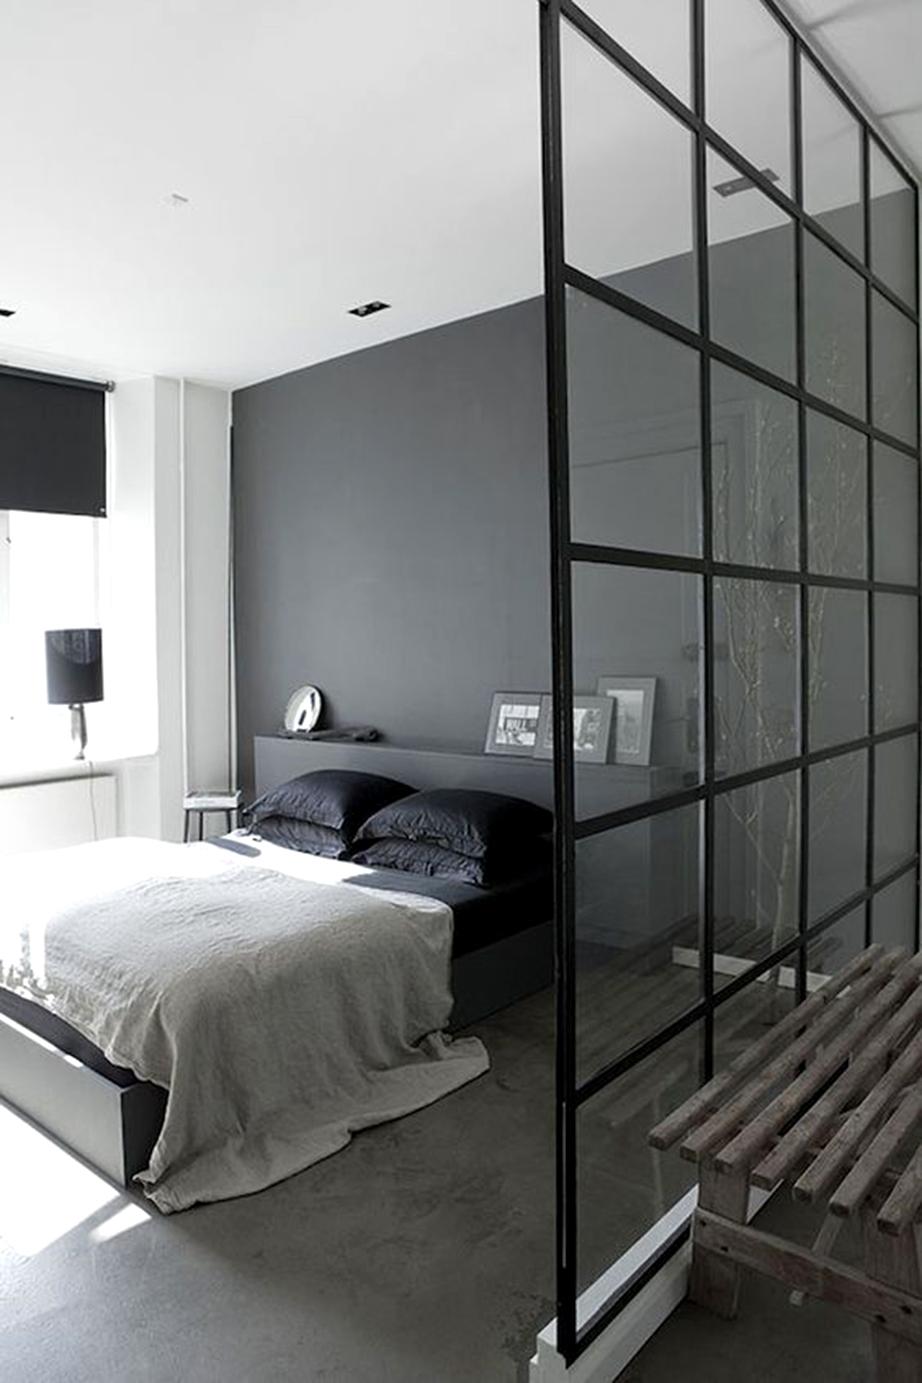 Πέραν της γκρι αποχρώσεως των τοίχων χρησιμοποιήστε μαύρα λευκά είδη και συνδυάστε τα με κάποια εξίσου μαύρα μεταλλικά στοιχεία, μέσα στο χώρο, όπως για παράδειγμα κομοδίνα, επιτραπέζια φωτιστικά ή ακόμη μια μεταλλική μεσοτοιχία, αν αυτό είναι εφικτό.